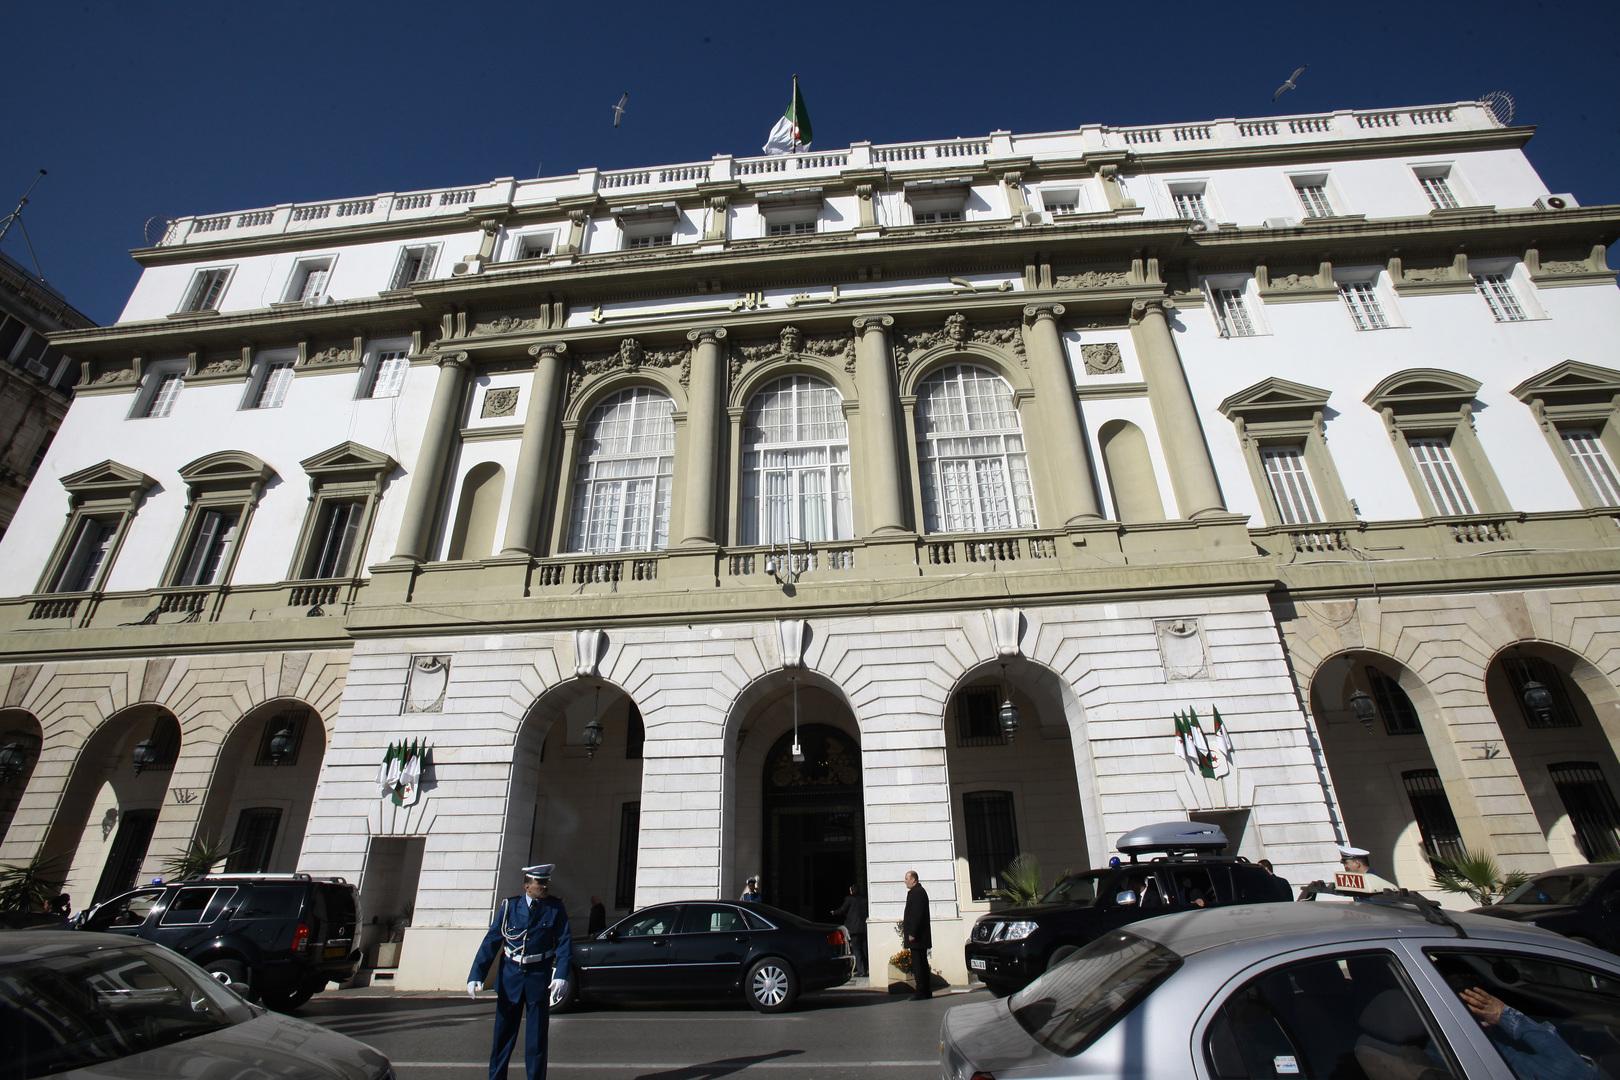 دستور الجزائر الجديد جاهز لاستفتاء الشعب في 1 نوفمبر